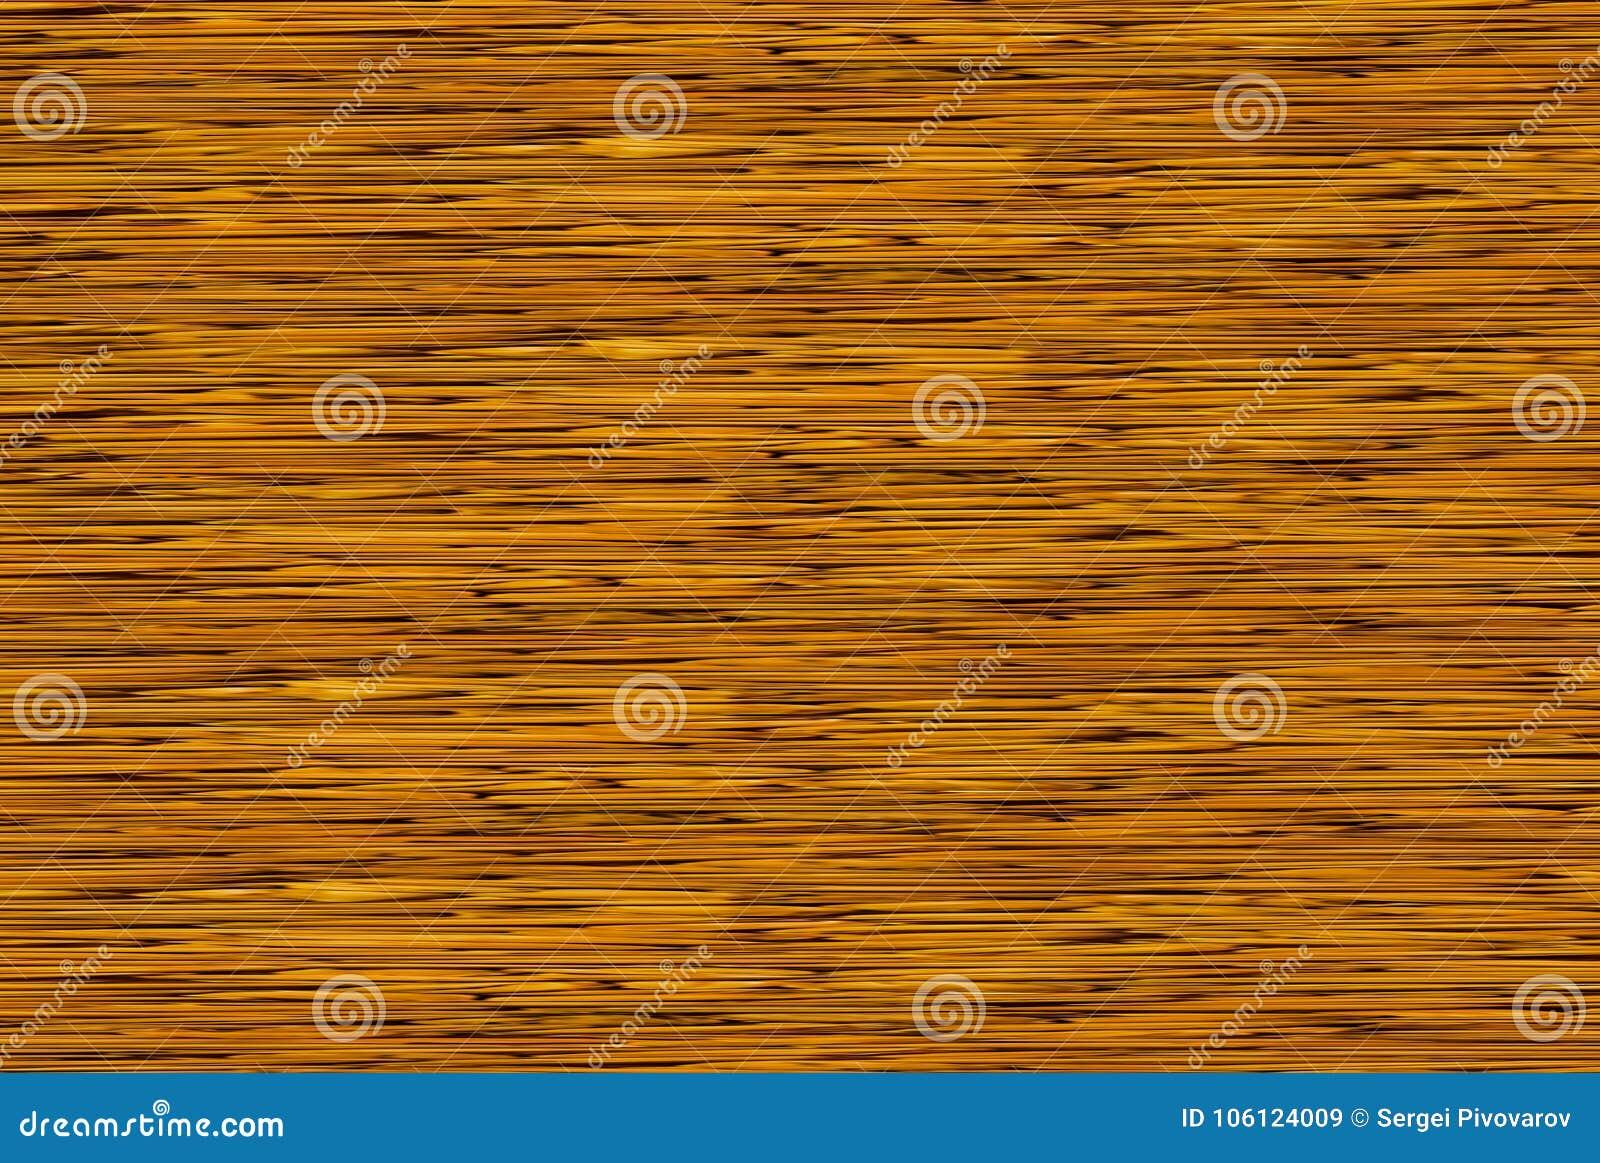 Le Fibre Del Legno albero marrone beige della fibra del modello a strisce della